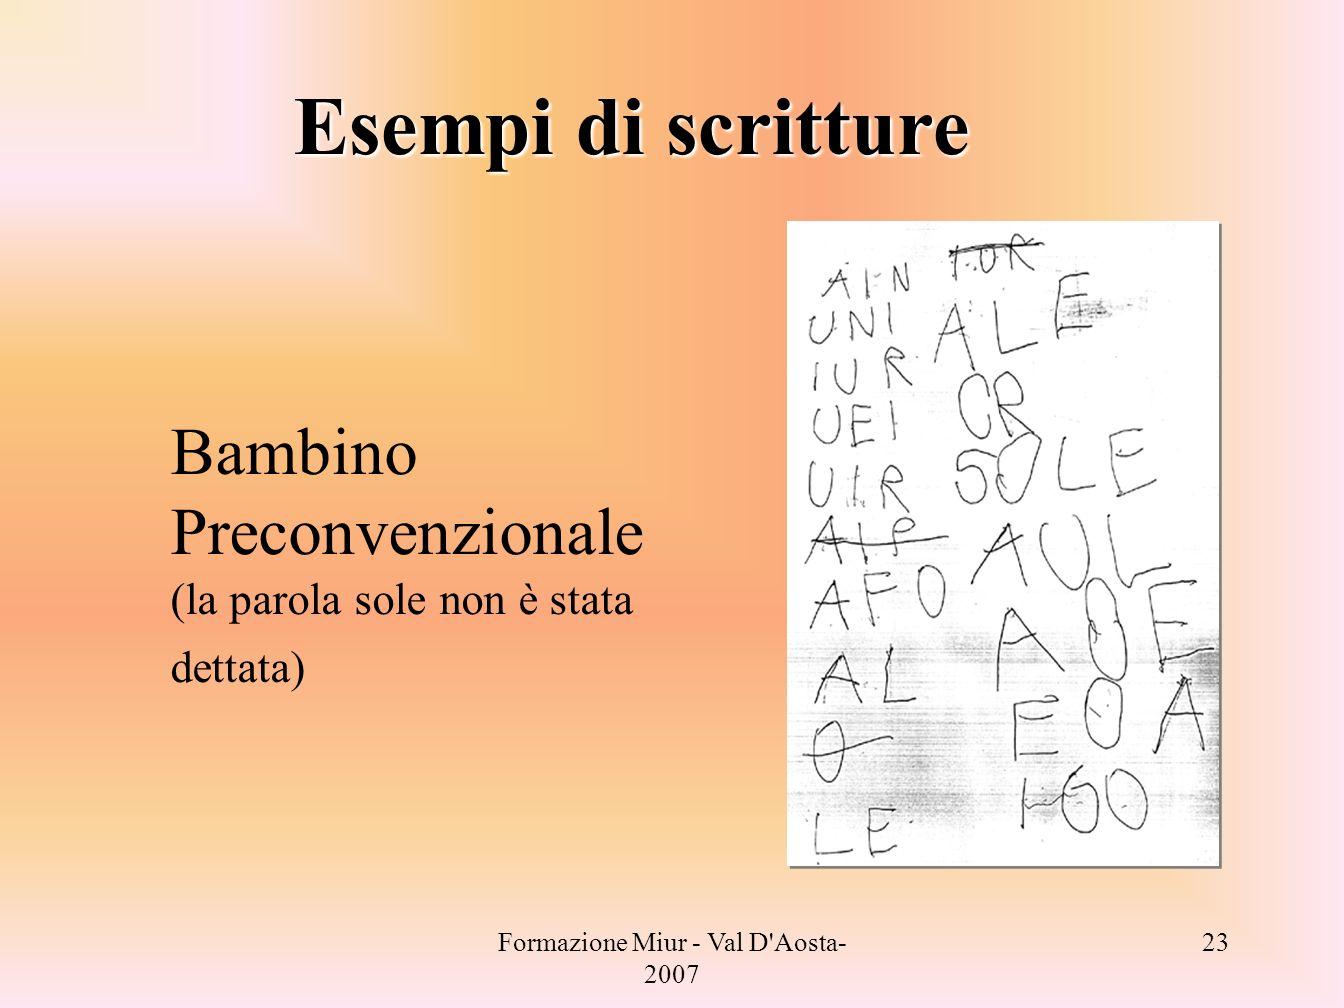 Formazione Miur - Val D'Aosta- 2007 23 Bambino Preconvenzionale (la parola sole non è stata dettata) Esempi di scritture